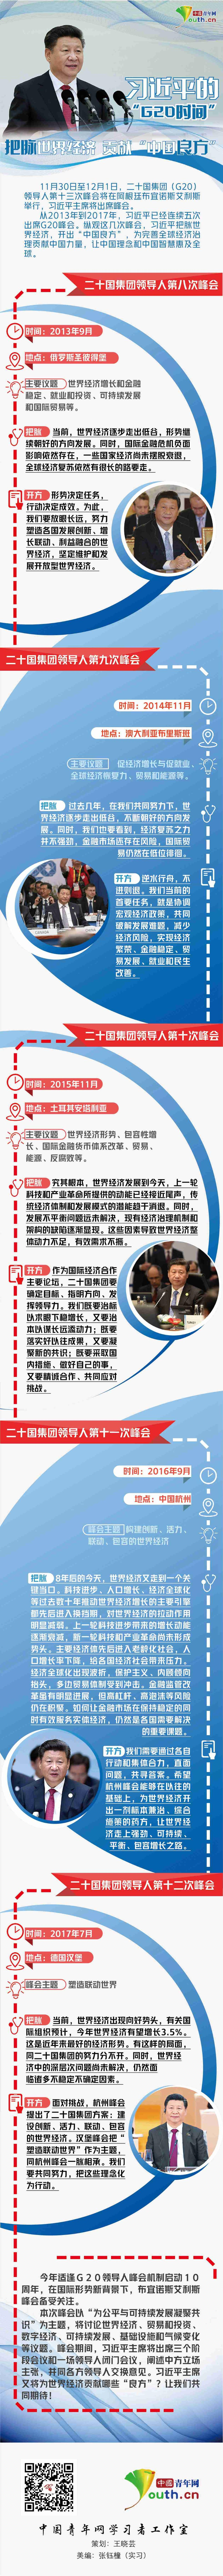 """习近平的""""G20时间"""":把脉世界经济 贡献""""中国良方"""""""